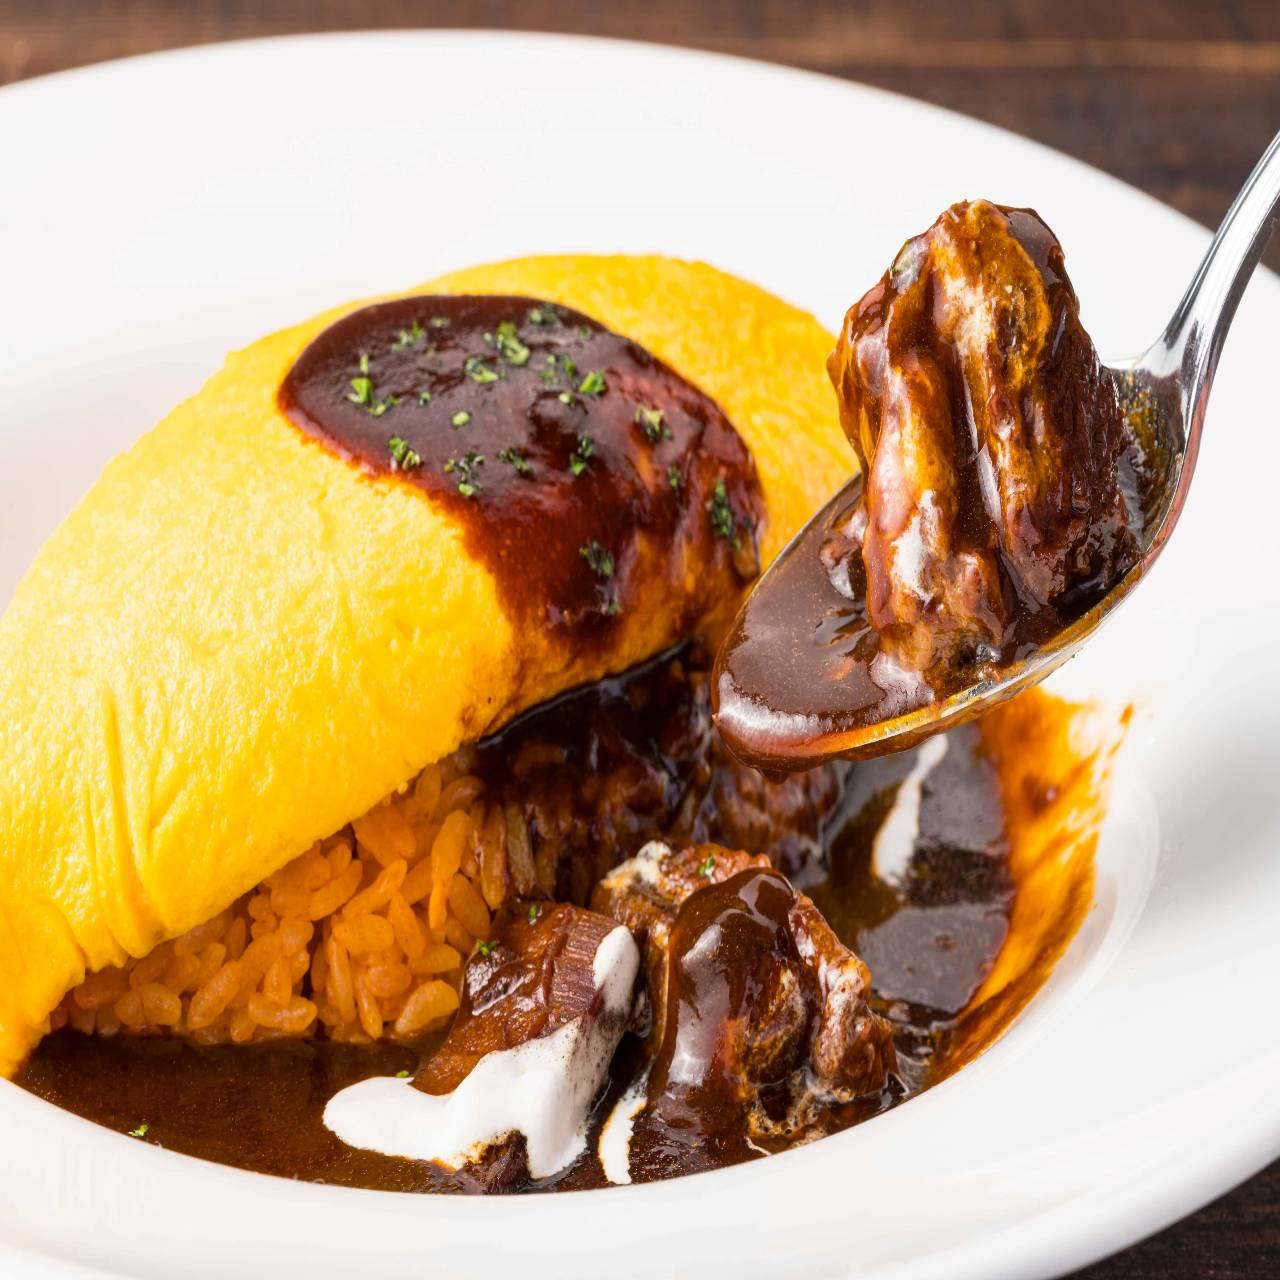 ふんわりオムレツと濃厚ビーフシチューの絶妙な味のコントラスト